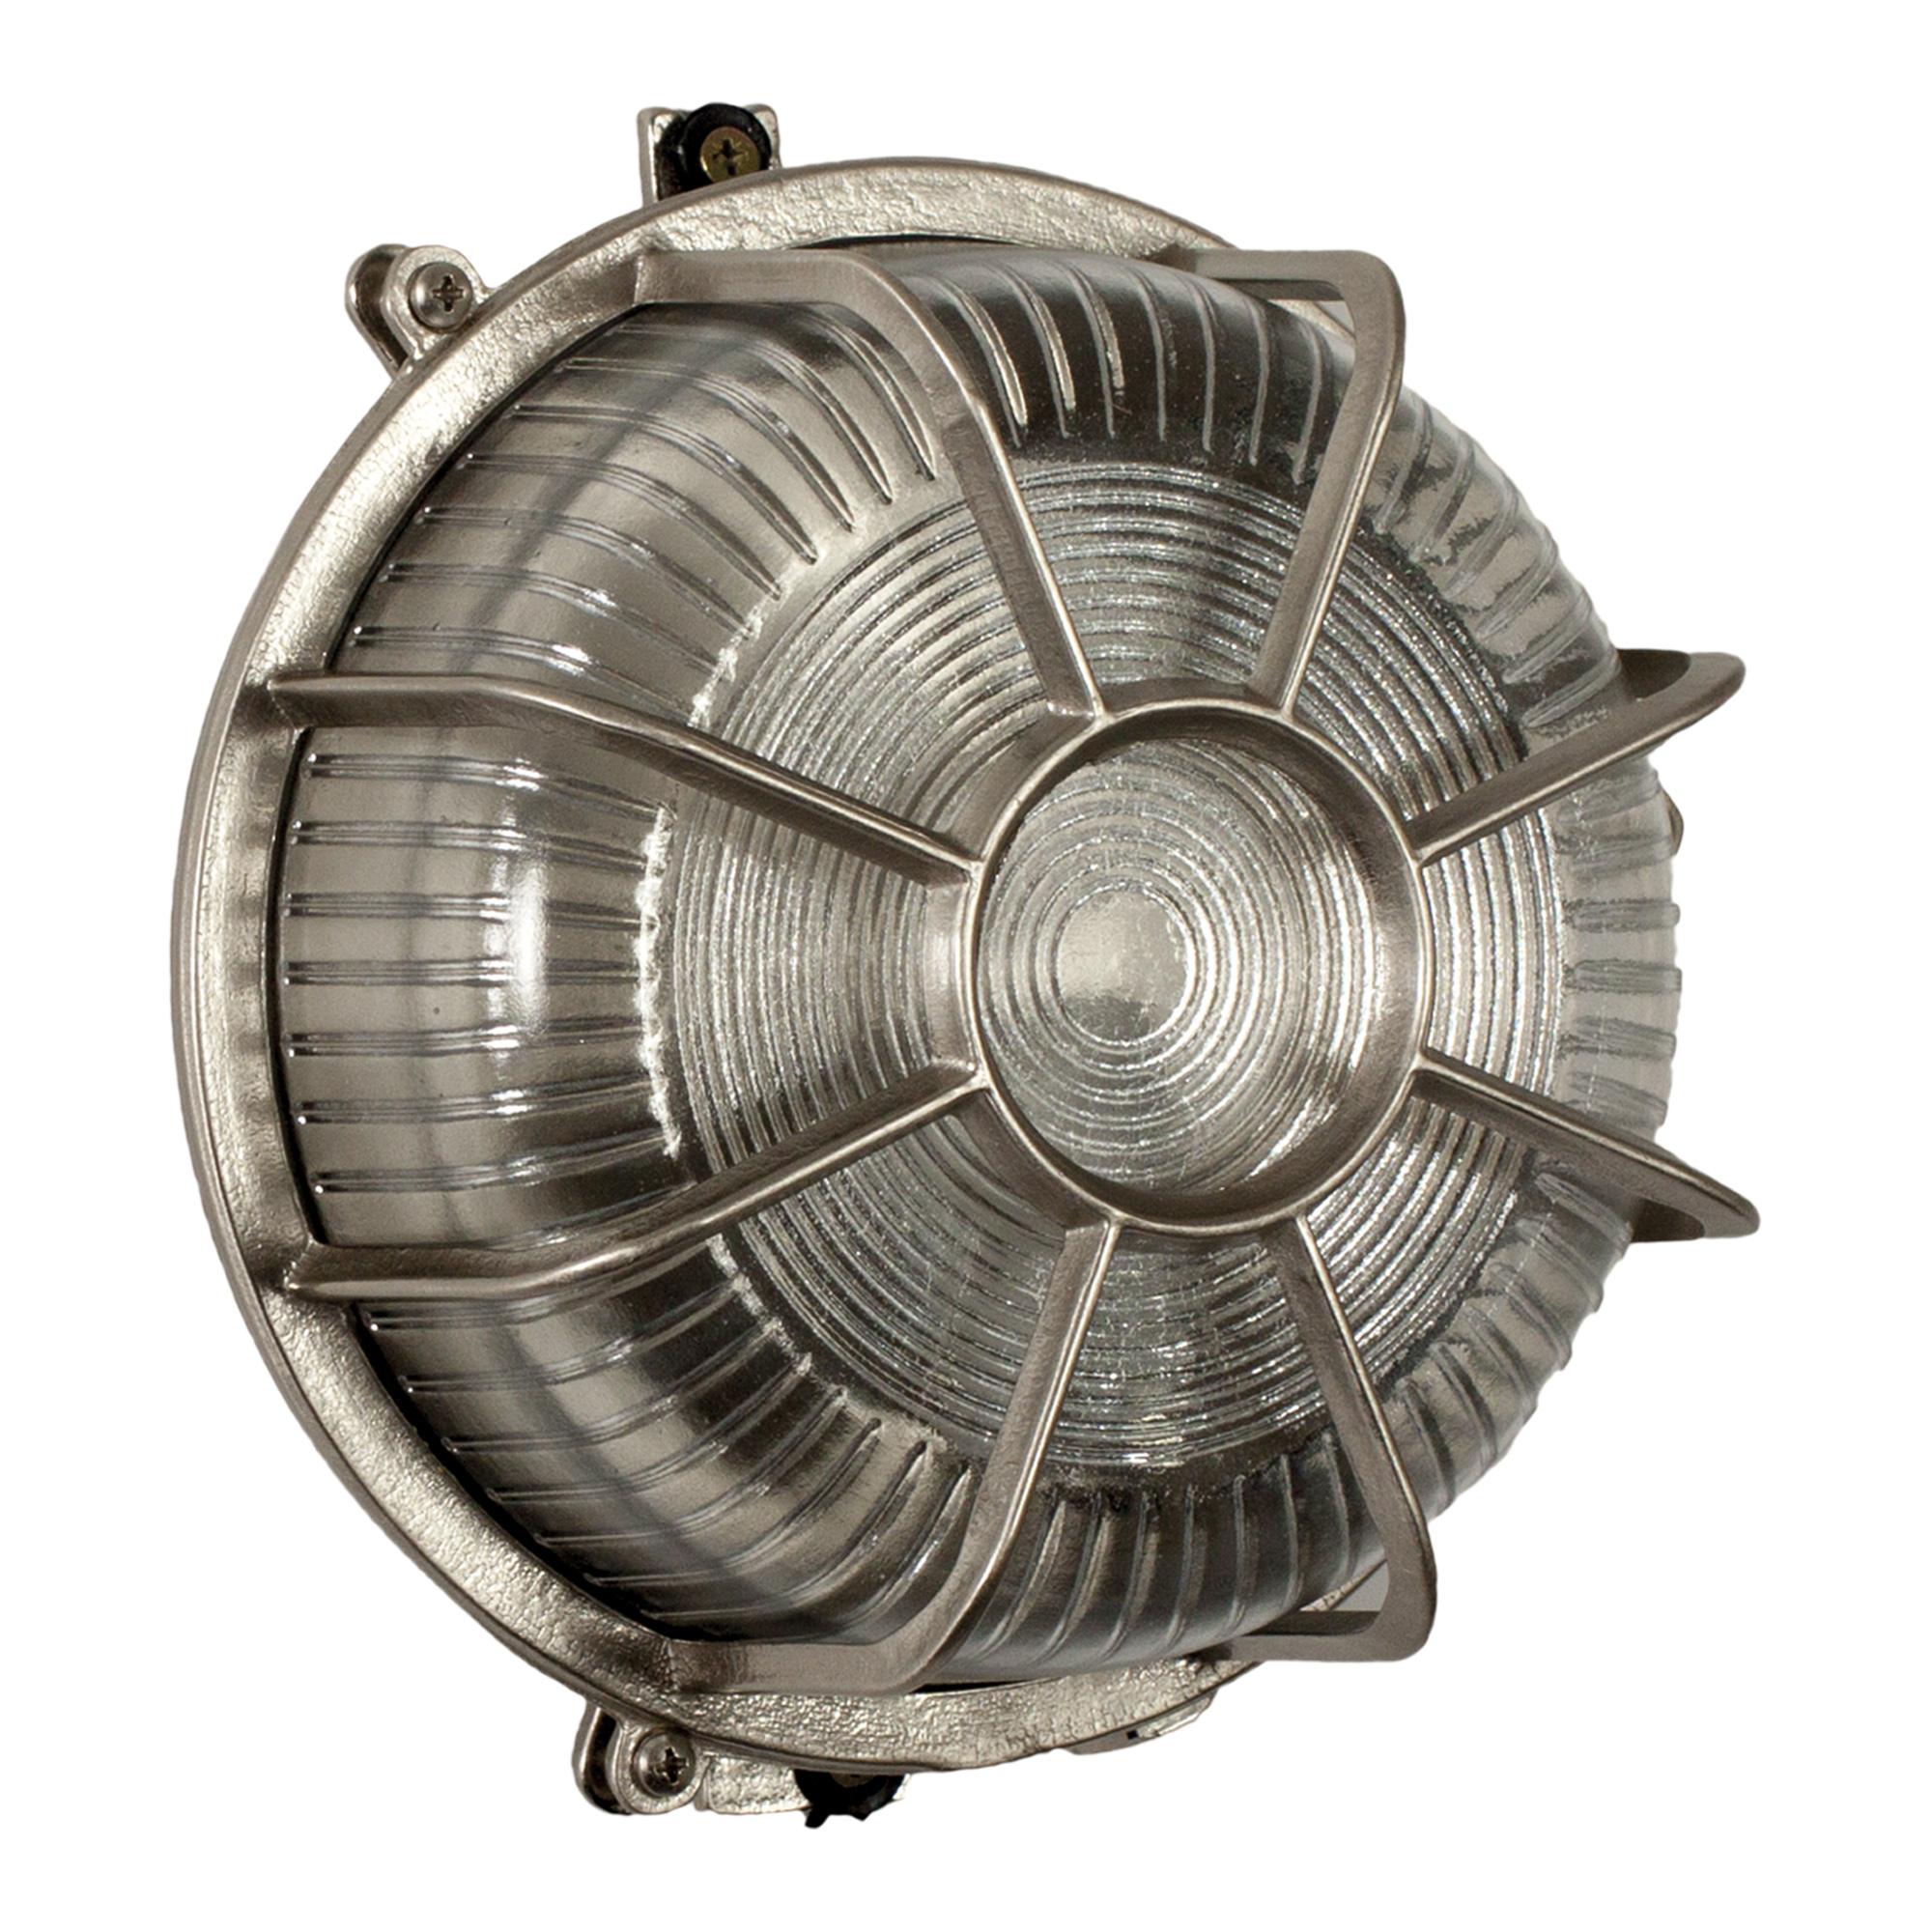 Scheepslamp Bering Nikkel